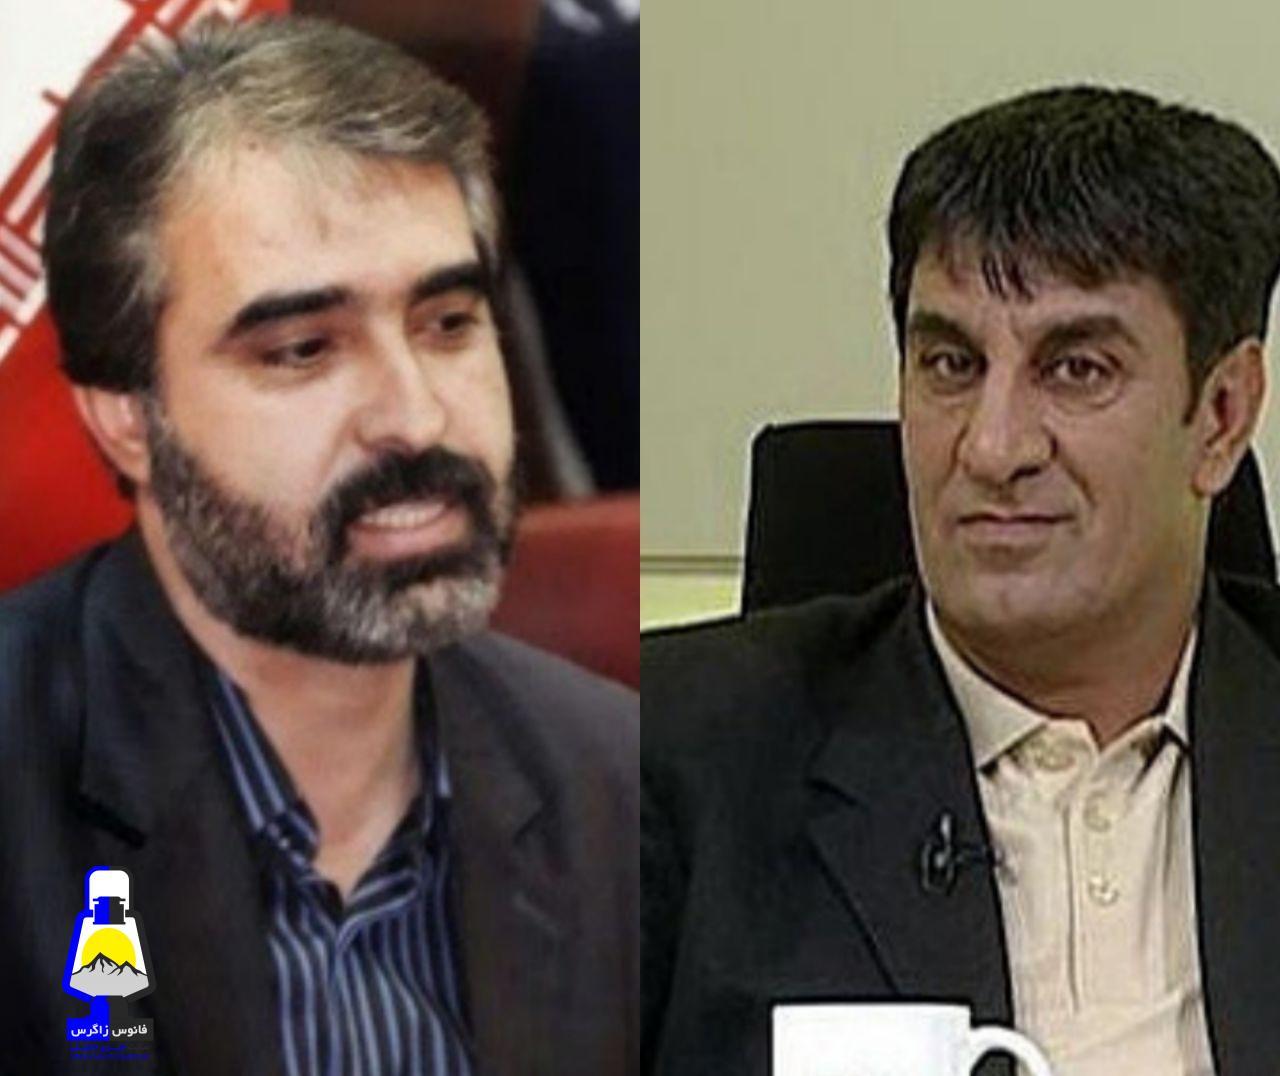 نامه جانباز گچسارانی به رئیس هیئت فوتبال استان کهگیلویه و بویراحمد